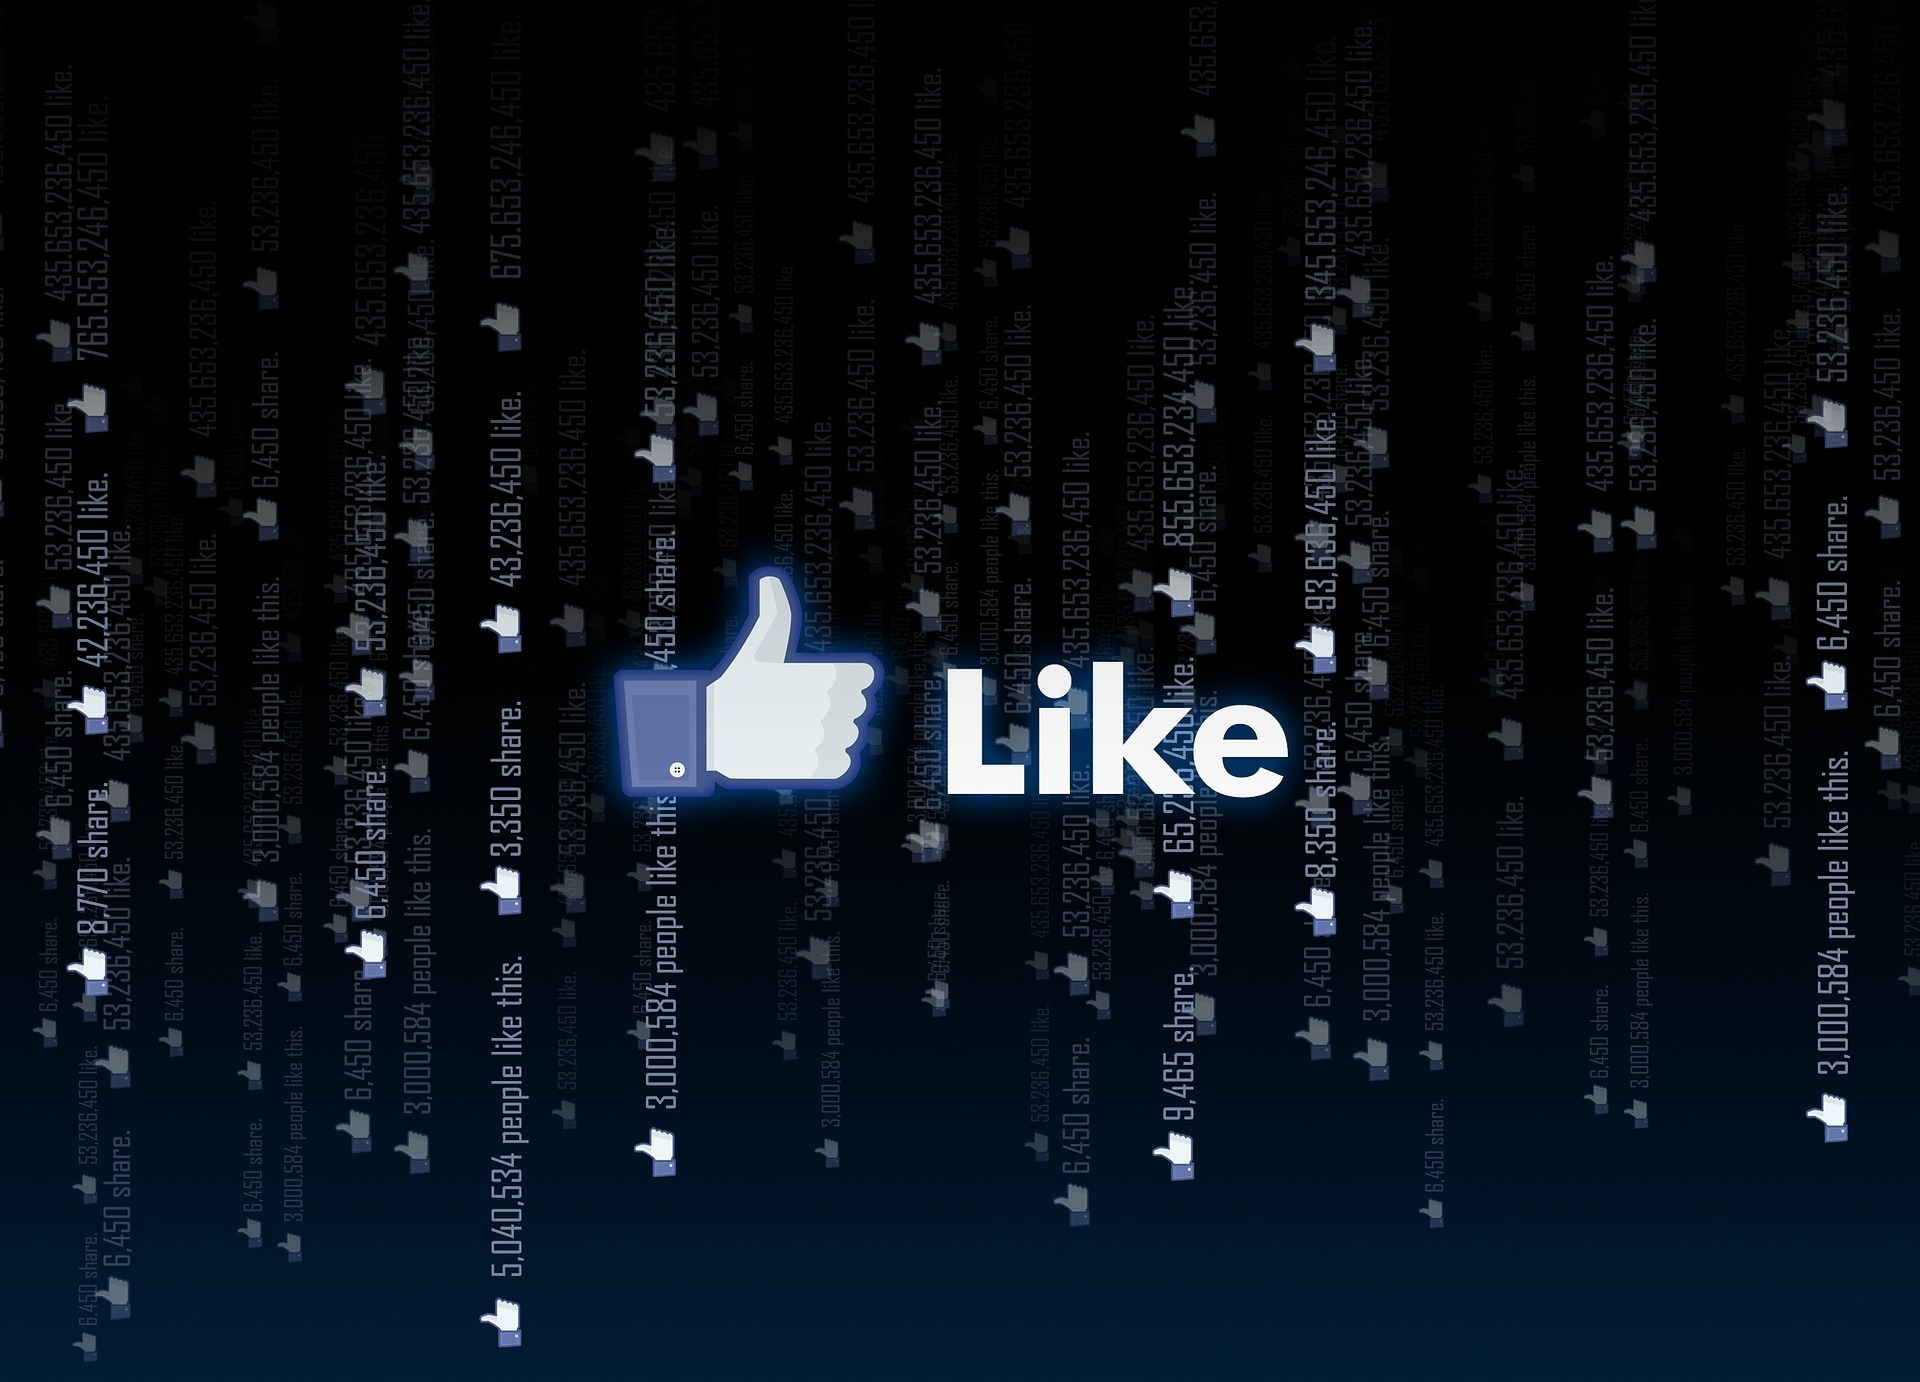 El arte de vender en Facebook: los trucos psicológicos y consejos